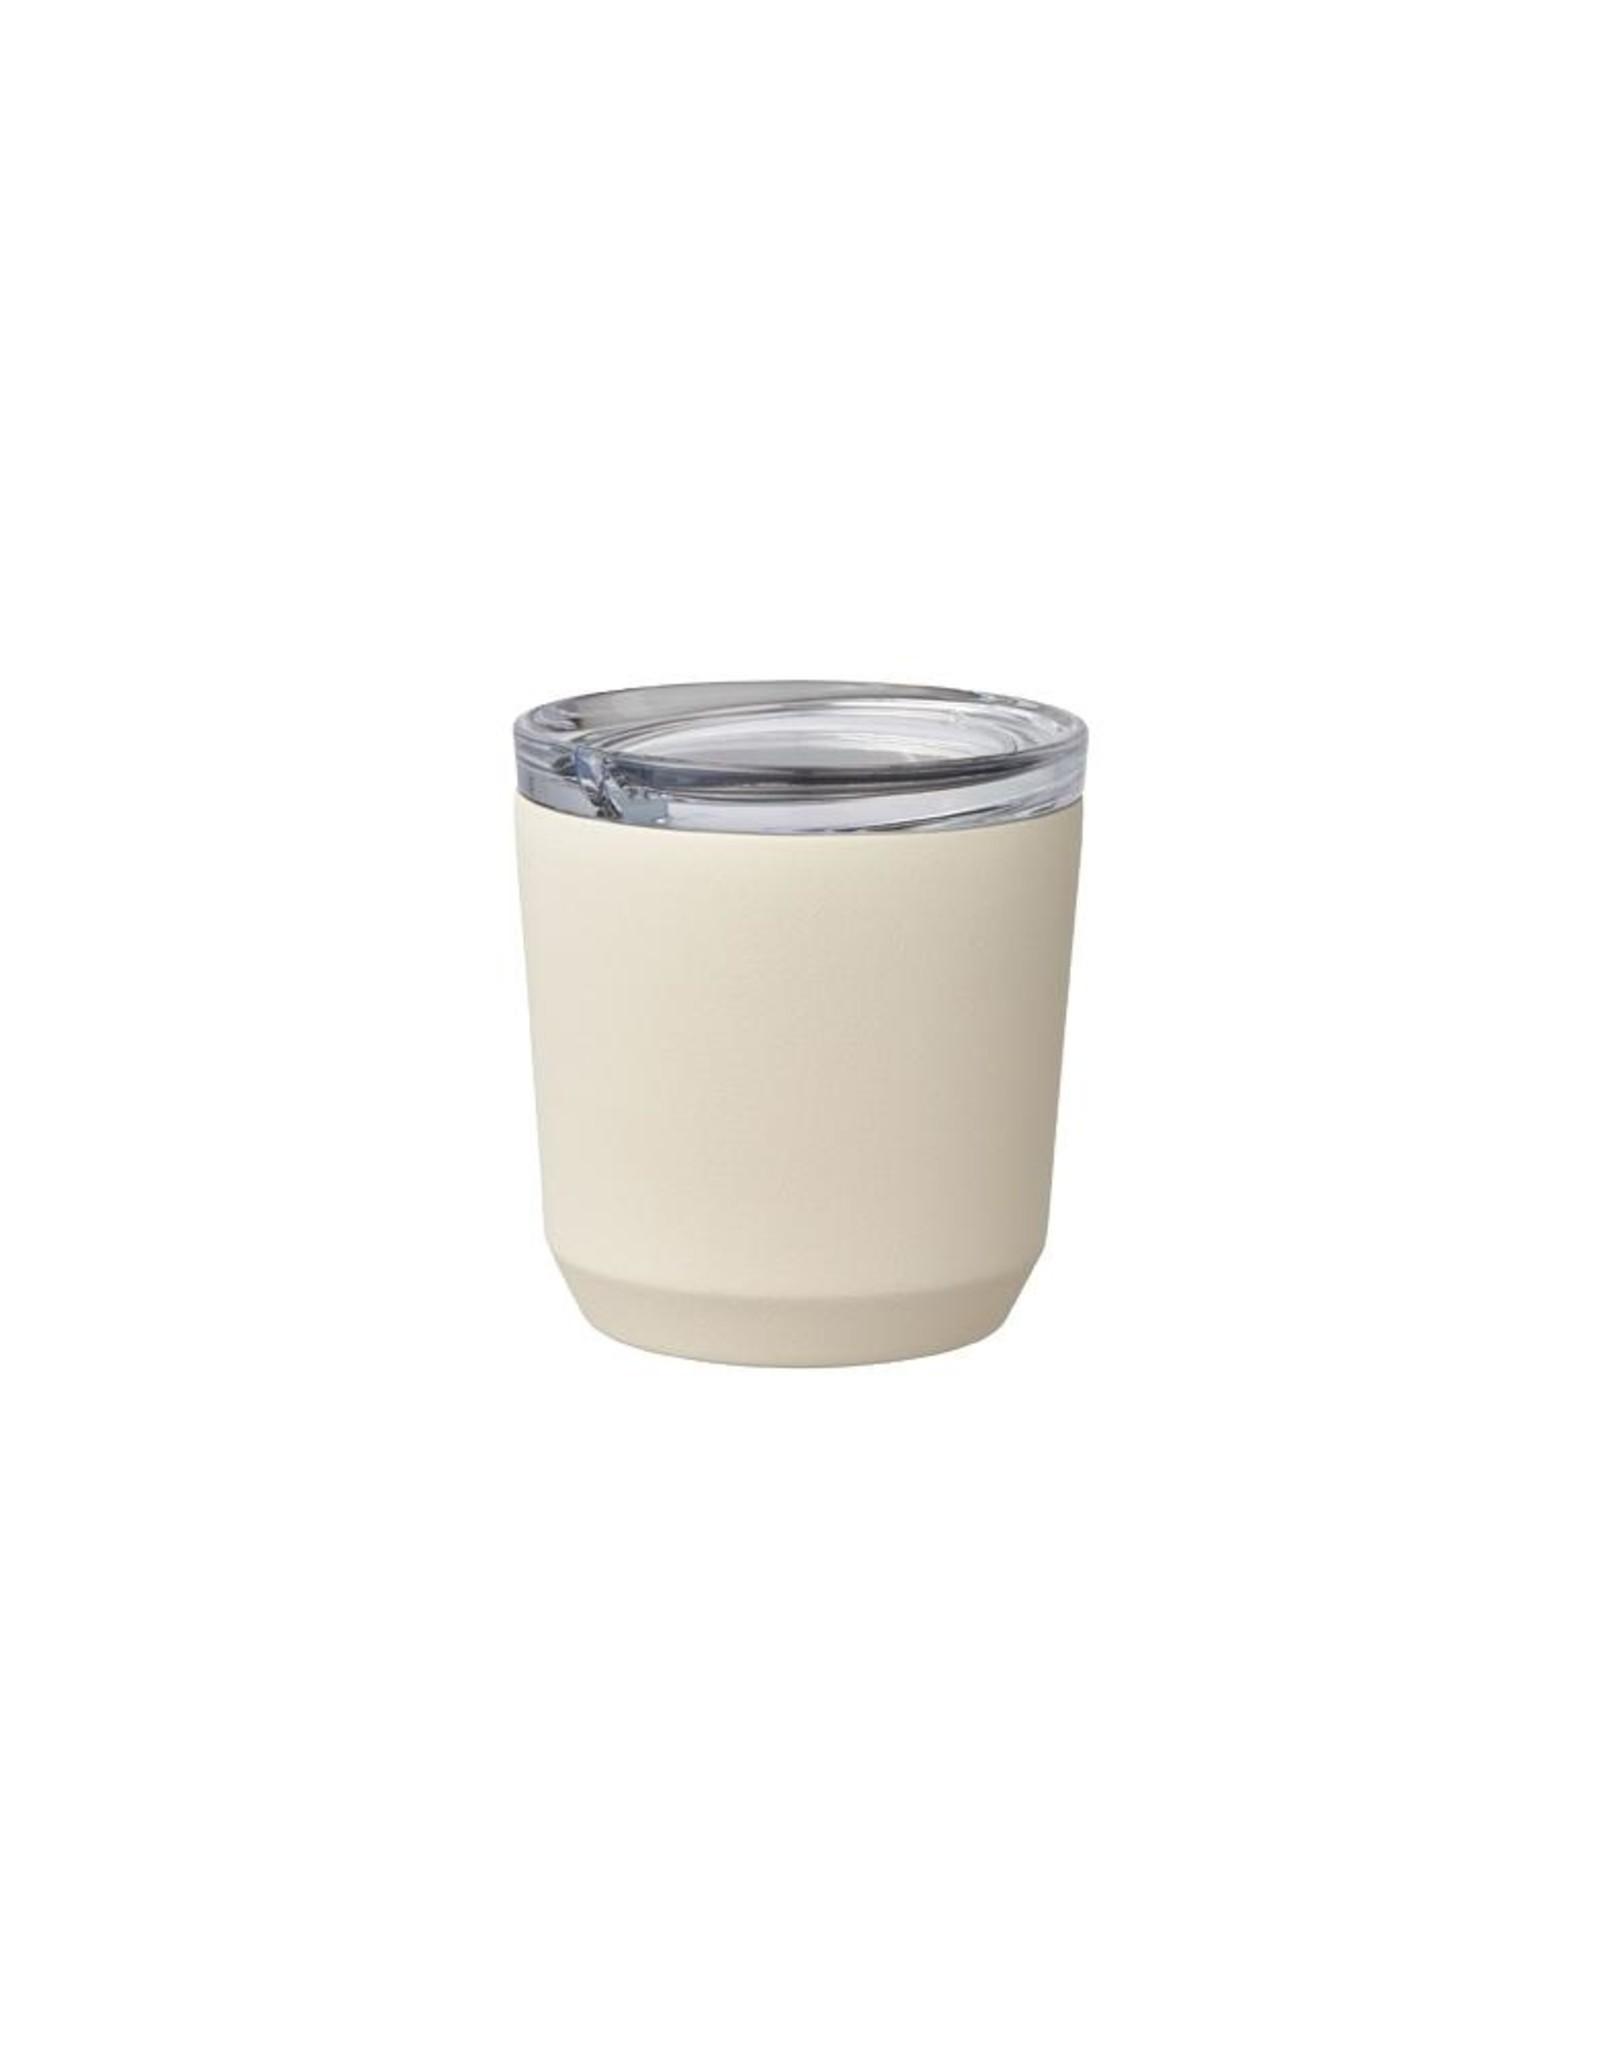 Kinto - To Go Tumbler - 240 mL - Blanc